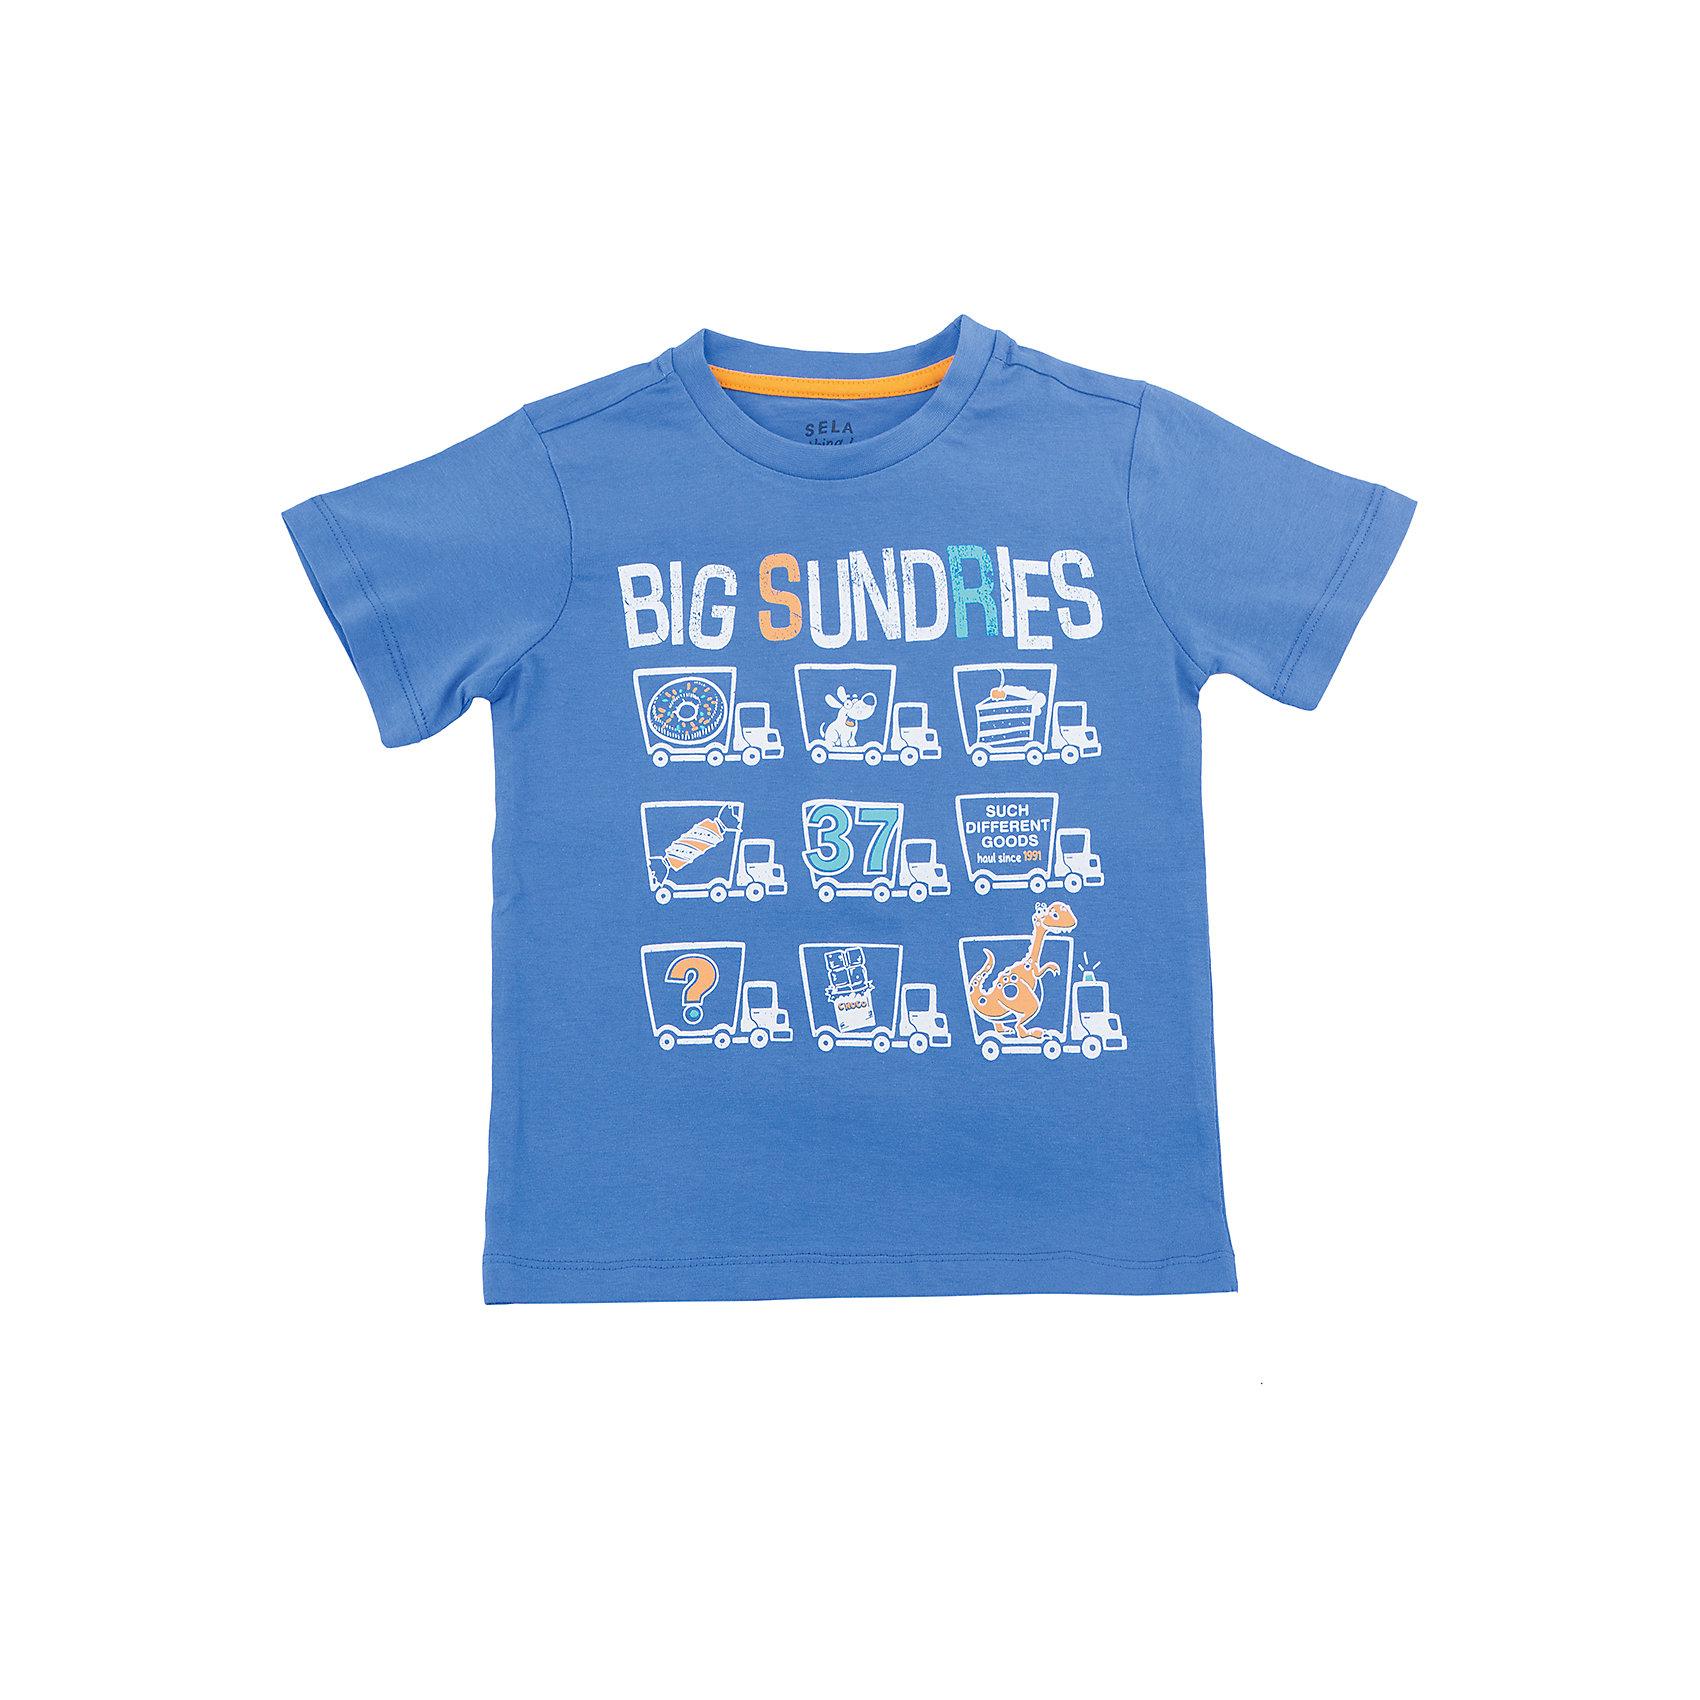 Футболка  для мальчика SELAХарактеристики товара:<br><br>• цвет: синий<br>• состав: 100% хлопок<br>• принт<br>• короткие рукава<br>• округлый горловой вырез<br>• коллекция весна-лето 2017<br>• страна бренда: Российская Федерация<br><br>В новой коллекции SELA отличные модели одежды! Эта футболка для мальчика поможет разнообразить гардероб ребенка и обеспечить комфорт. Она отлично сочетается с джинсами и брюками. Удобная базовая вещь!<br><br>Одежда, обувь и аксессуары от российского бренда SELA не зря пользуются большой популярностью у детей и взрослых! Модели этой марки - стильные и удобные, цена при этом неизменно остается доступной. Для их производства используются только безопасные, качественные материалы и фурнитура. Новая коллекция поддерживает хорошие традиции бренда! <br><br>Футболку для мальчика от популярного бренда SELA (СЕЛА) можно купить в нашем интернет-магазине.<br><br>Ширина мм: 230<br>Глубина мм: 40<br>Высота мм: 220<br>Вес г: 250<br>Цвет: синий<br>Возраст от месяцев: 18<br>Возраст до месяцев: 24<br>Пол: Мужской<br>Возраст: Детский<br>Размер: 92,98,104,110,116<br>SKU: 5303935